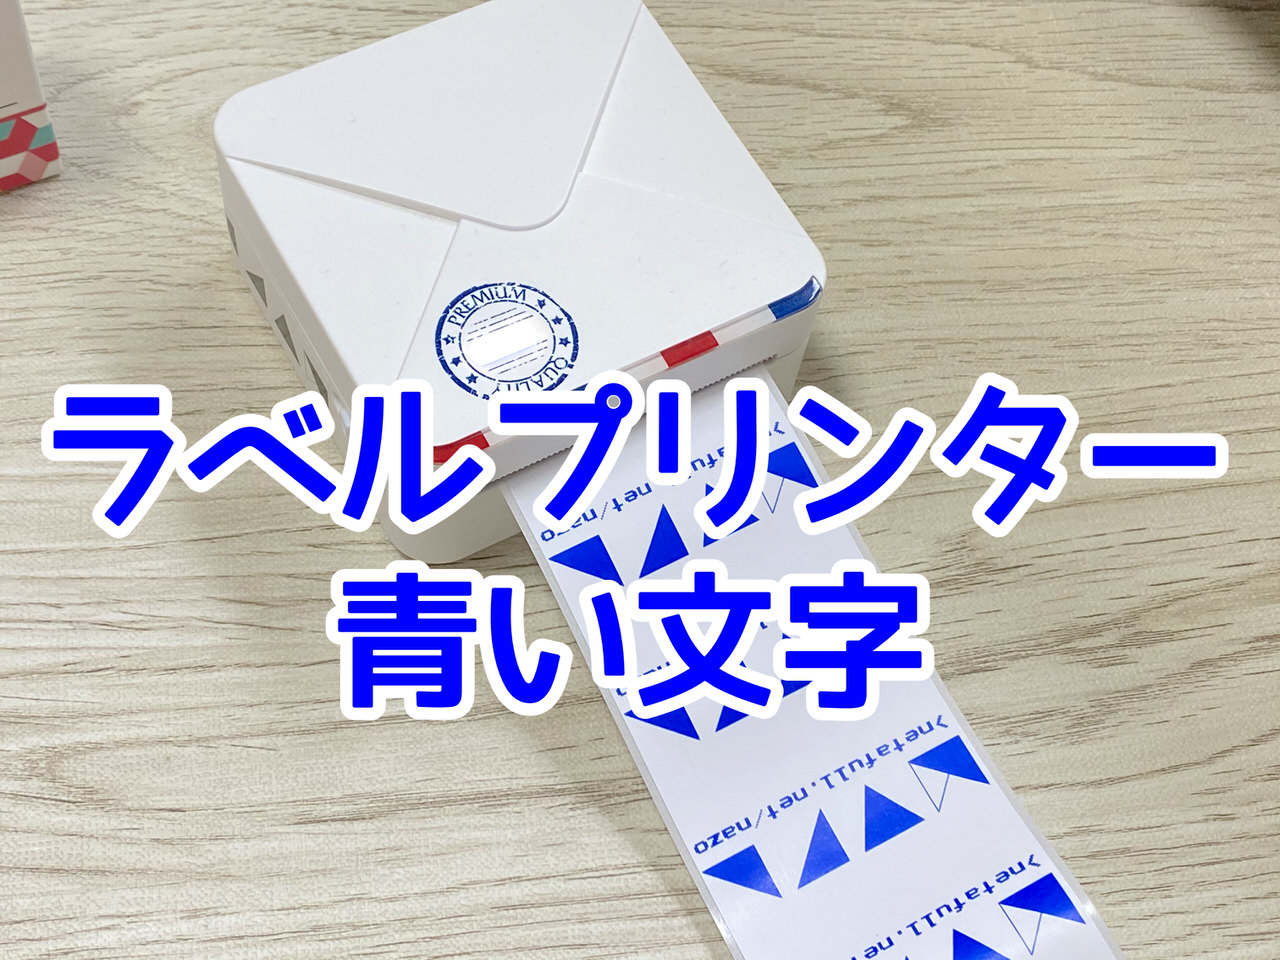 ラベルプリンター「Phomemo M02S」青く印刷できる感熱紙を試してみた